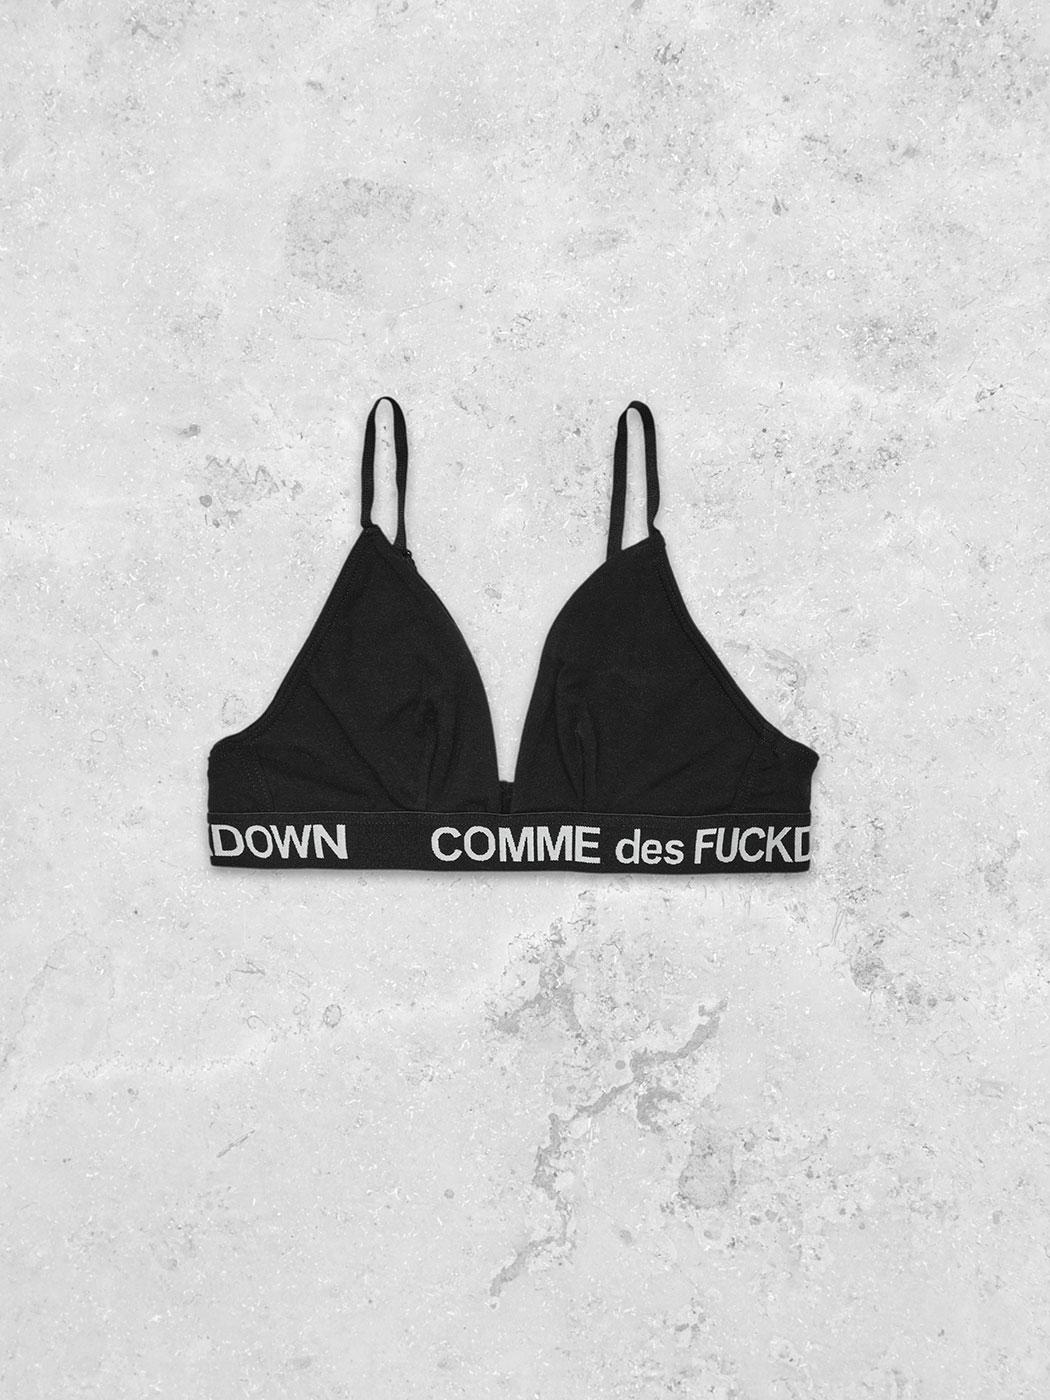 BRA - CDFA546 - COMME DES FKDOWN